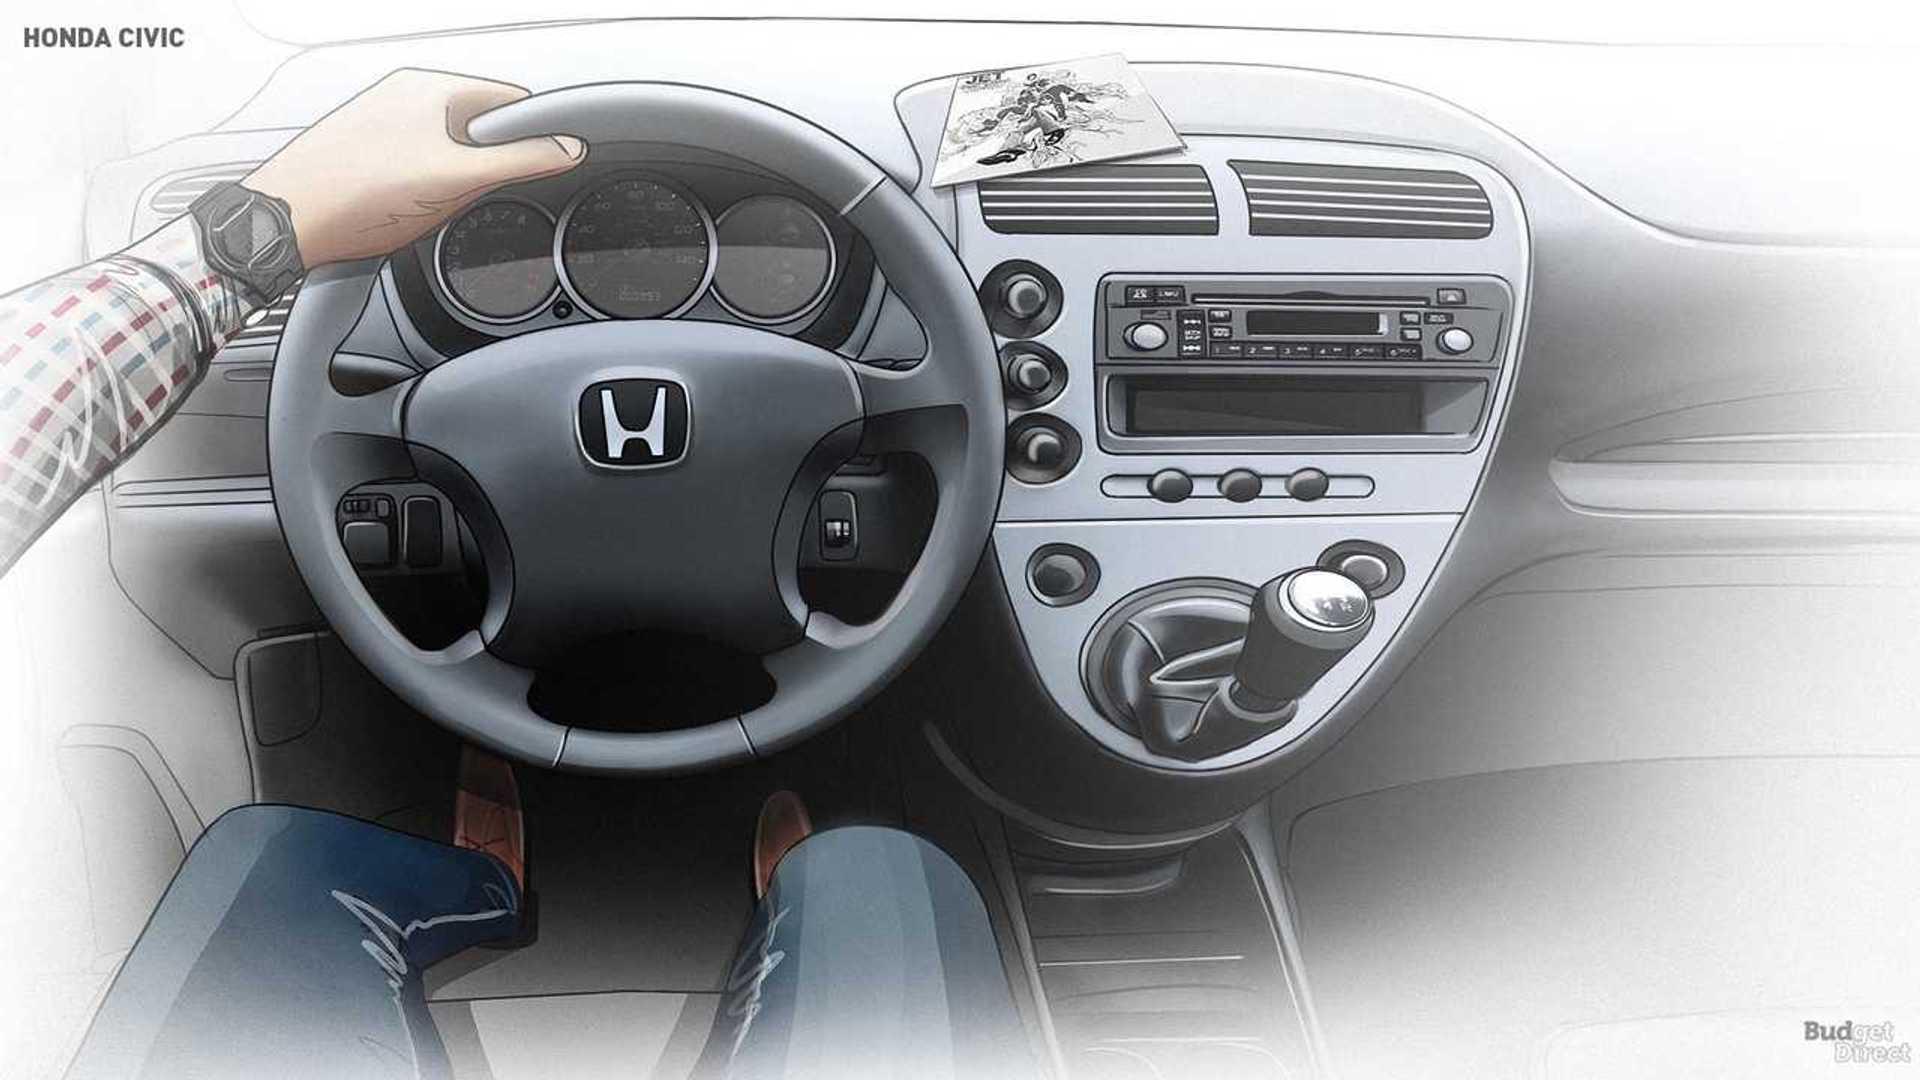 Kekurangan Honda Civic 2001 Tangguh